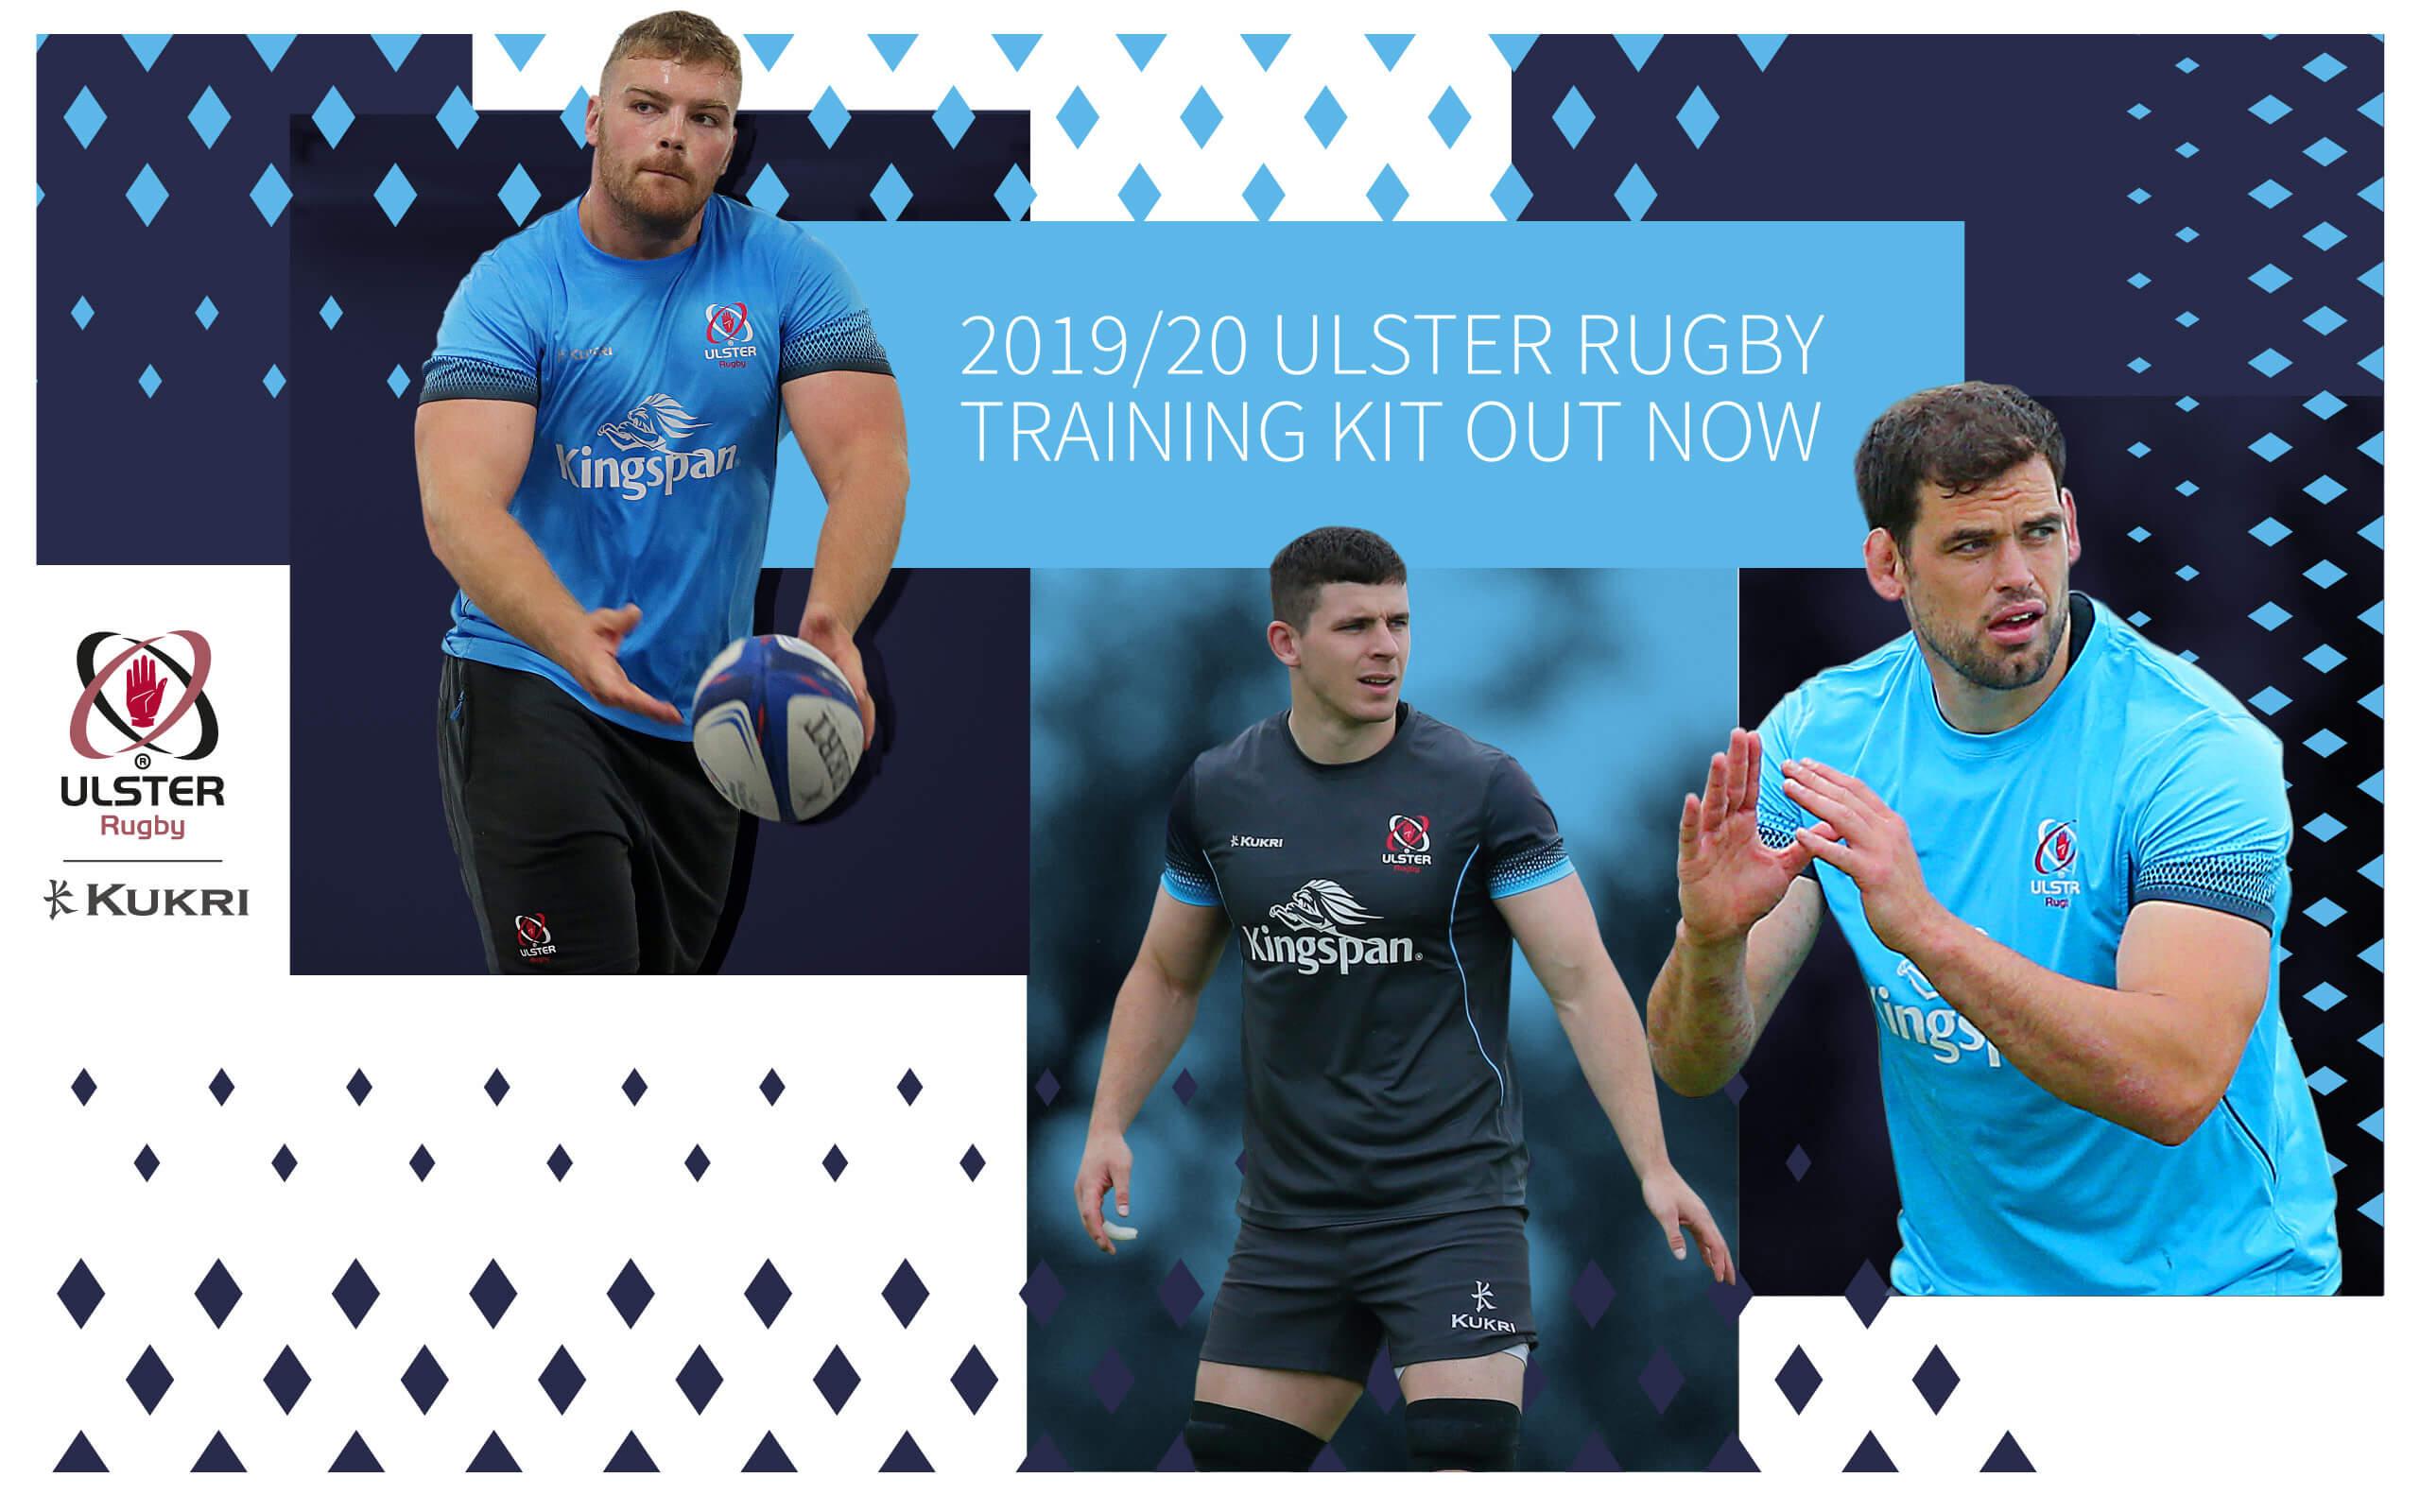 Ulster-Training-Wear-Ads_Ireland-Main-Carousel